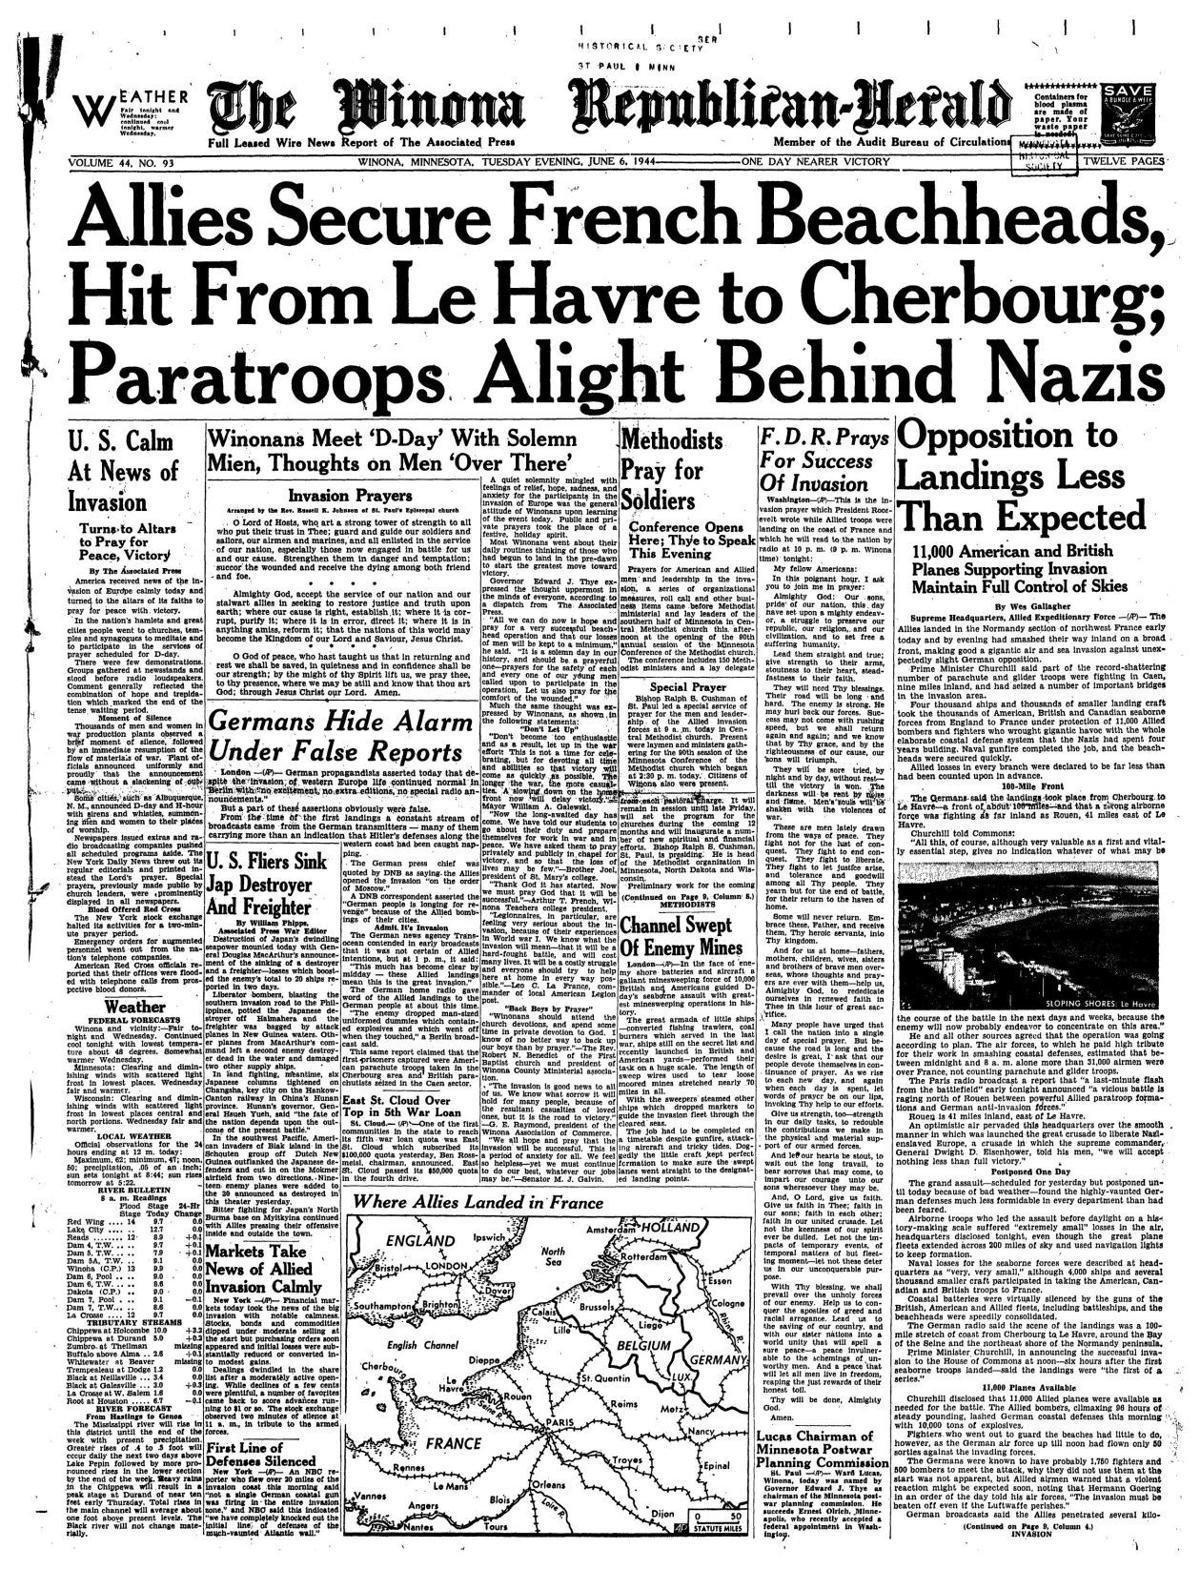 Read the June 6, 1944 edition of the Winona Republican-Herald